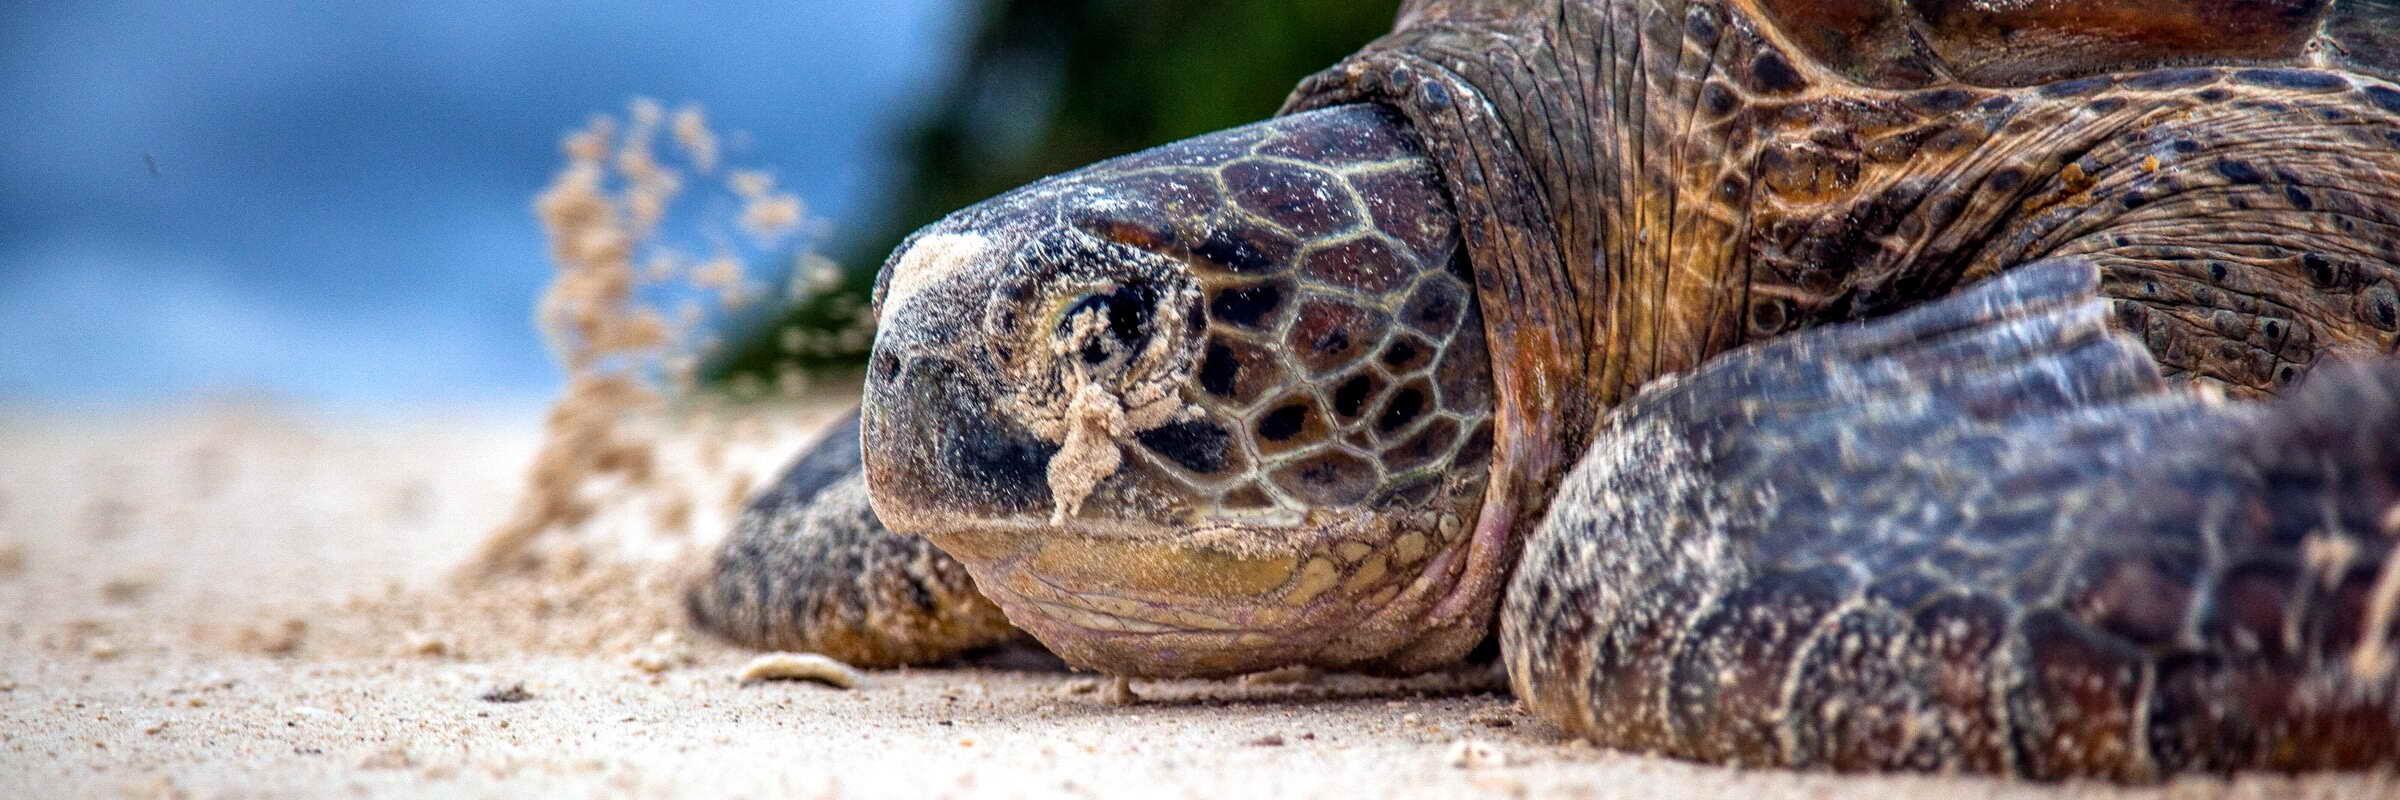 Die vielen abgelegenen Inseln in der Sulu-See dienen oft als Nistplätze für Meeresschildkröten.